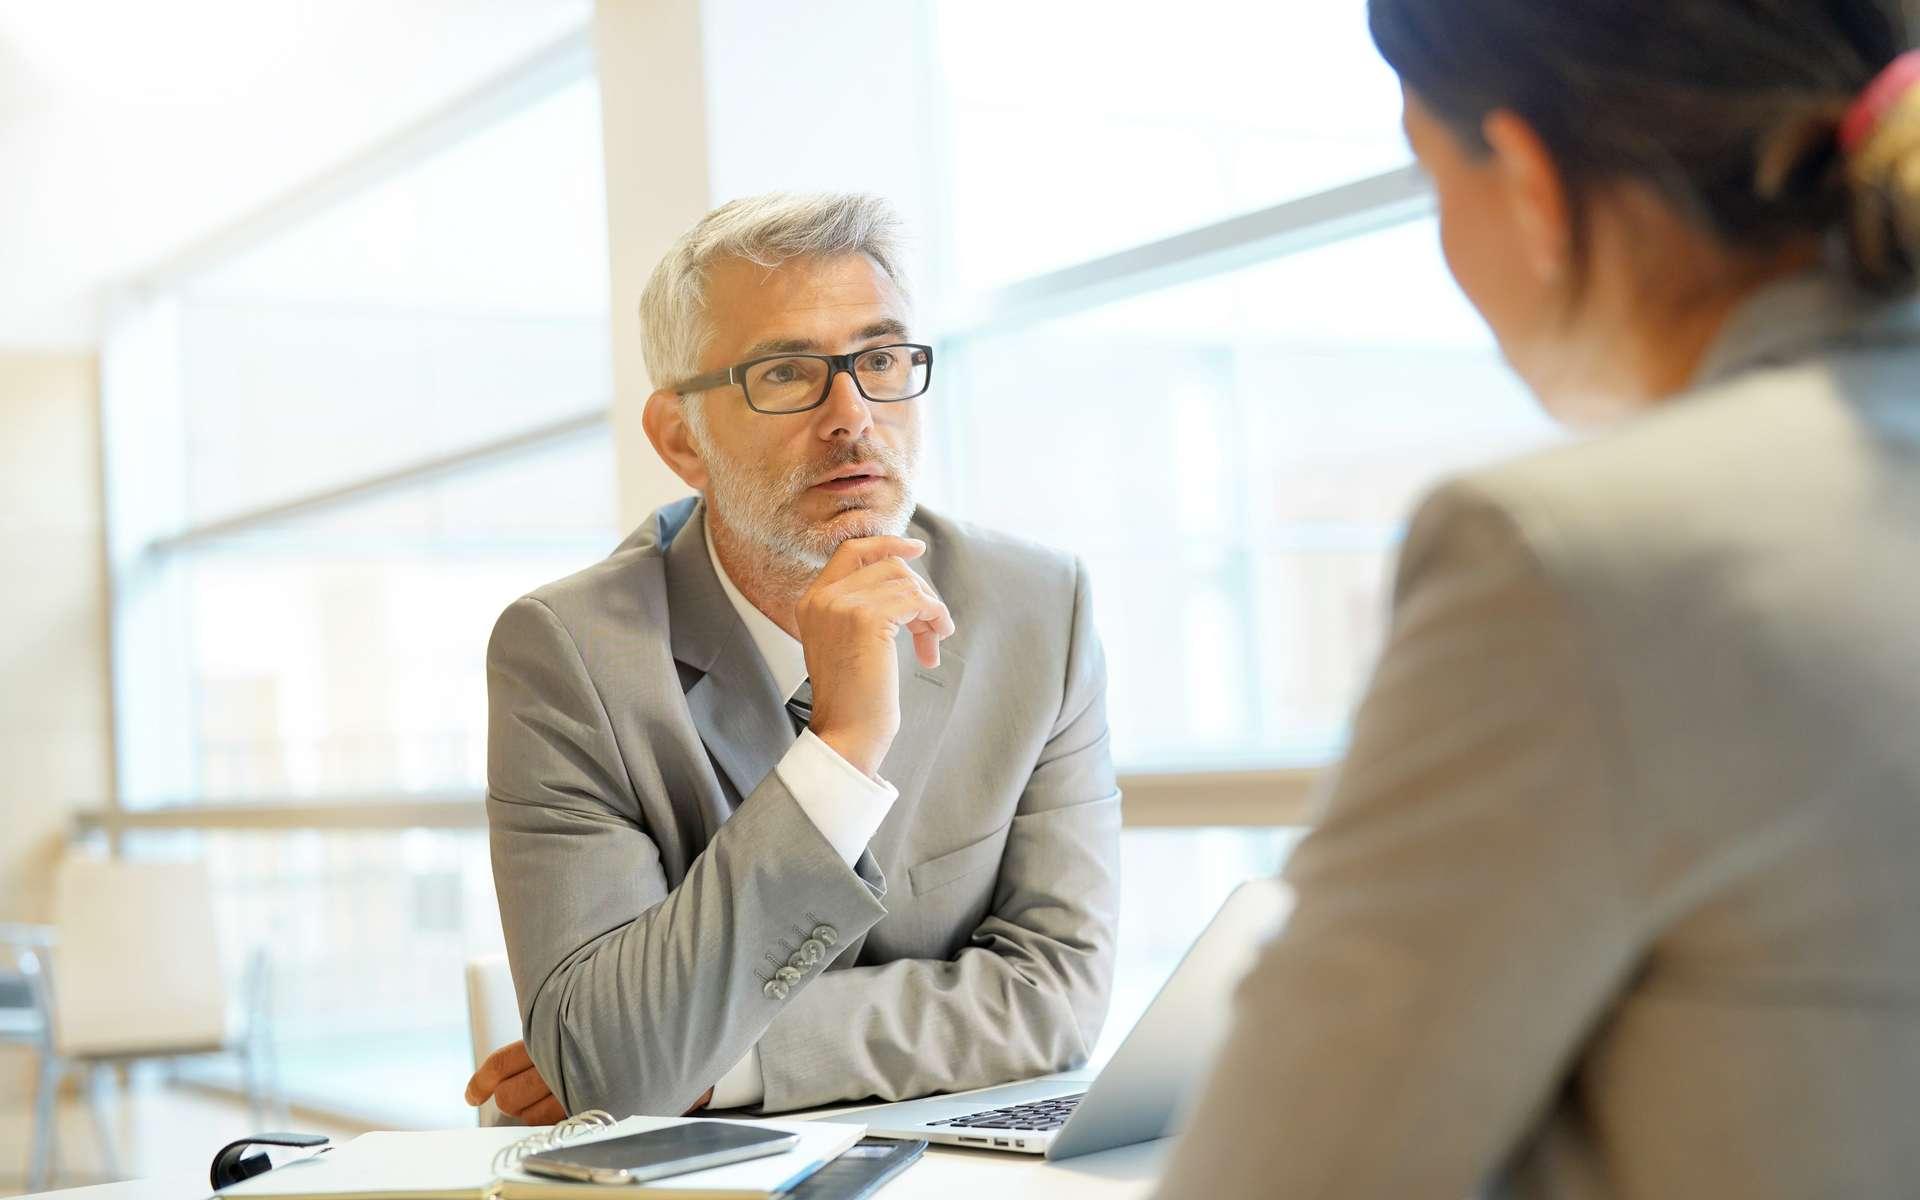 Le portage salarial permet à un consultant en innovation de profiter des avantages du statut salarié tout en conservant sa liberté de travailleurs indépendant. © goodluz, Adobe Stock